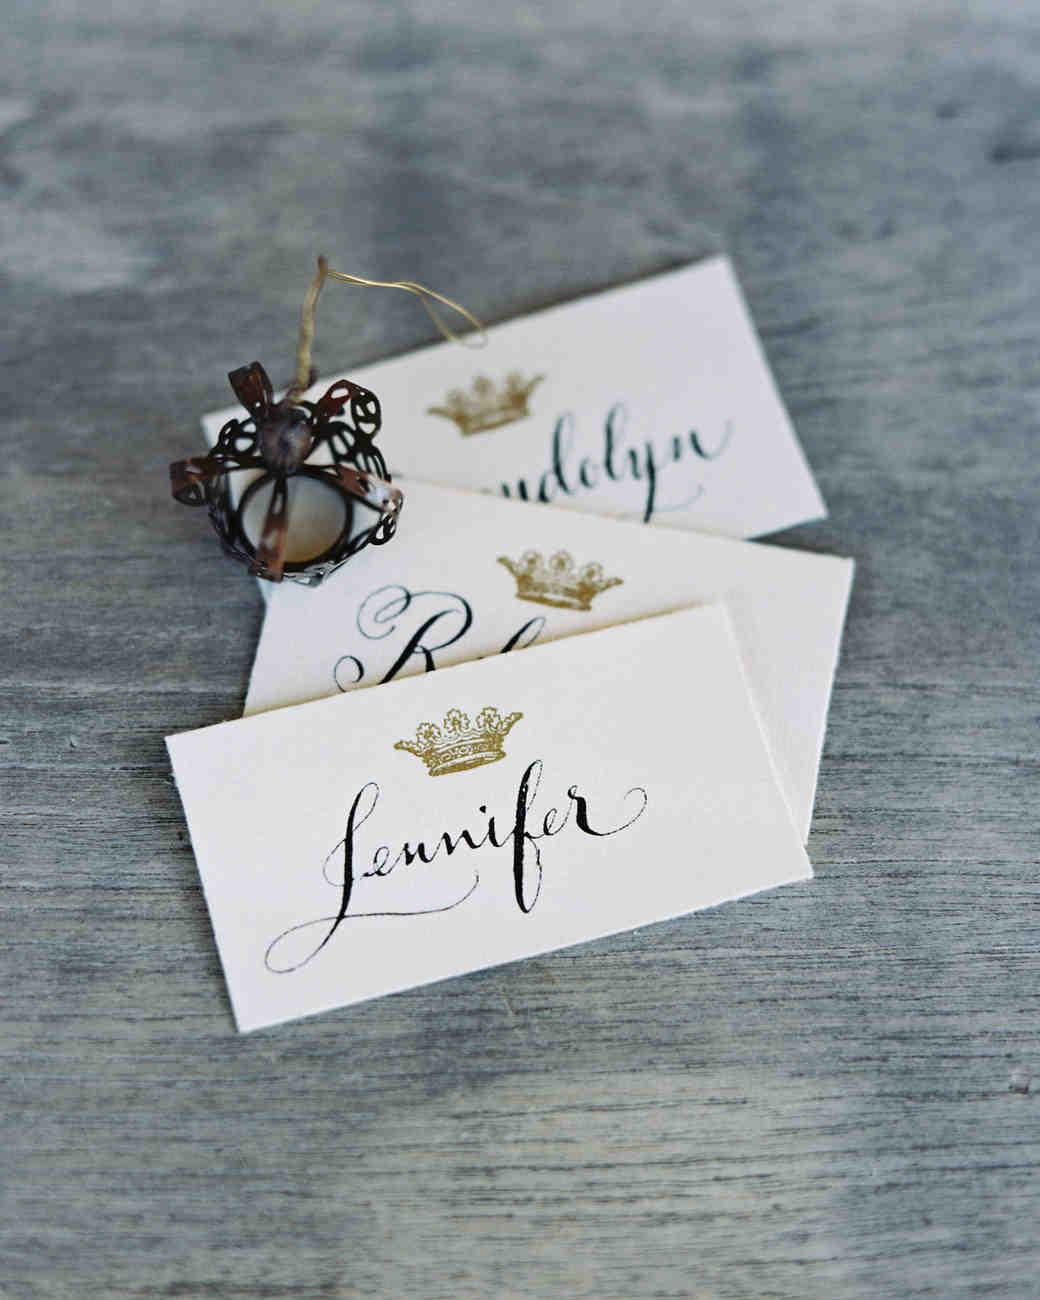 ciera preston wedding place cards